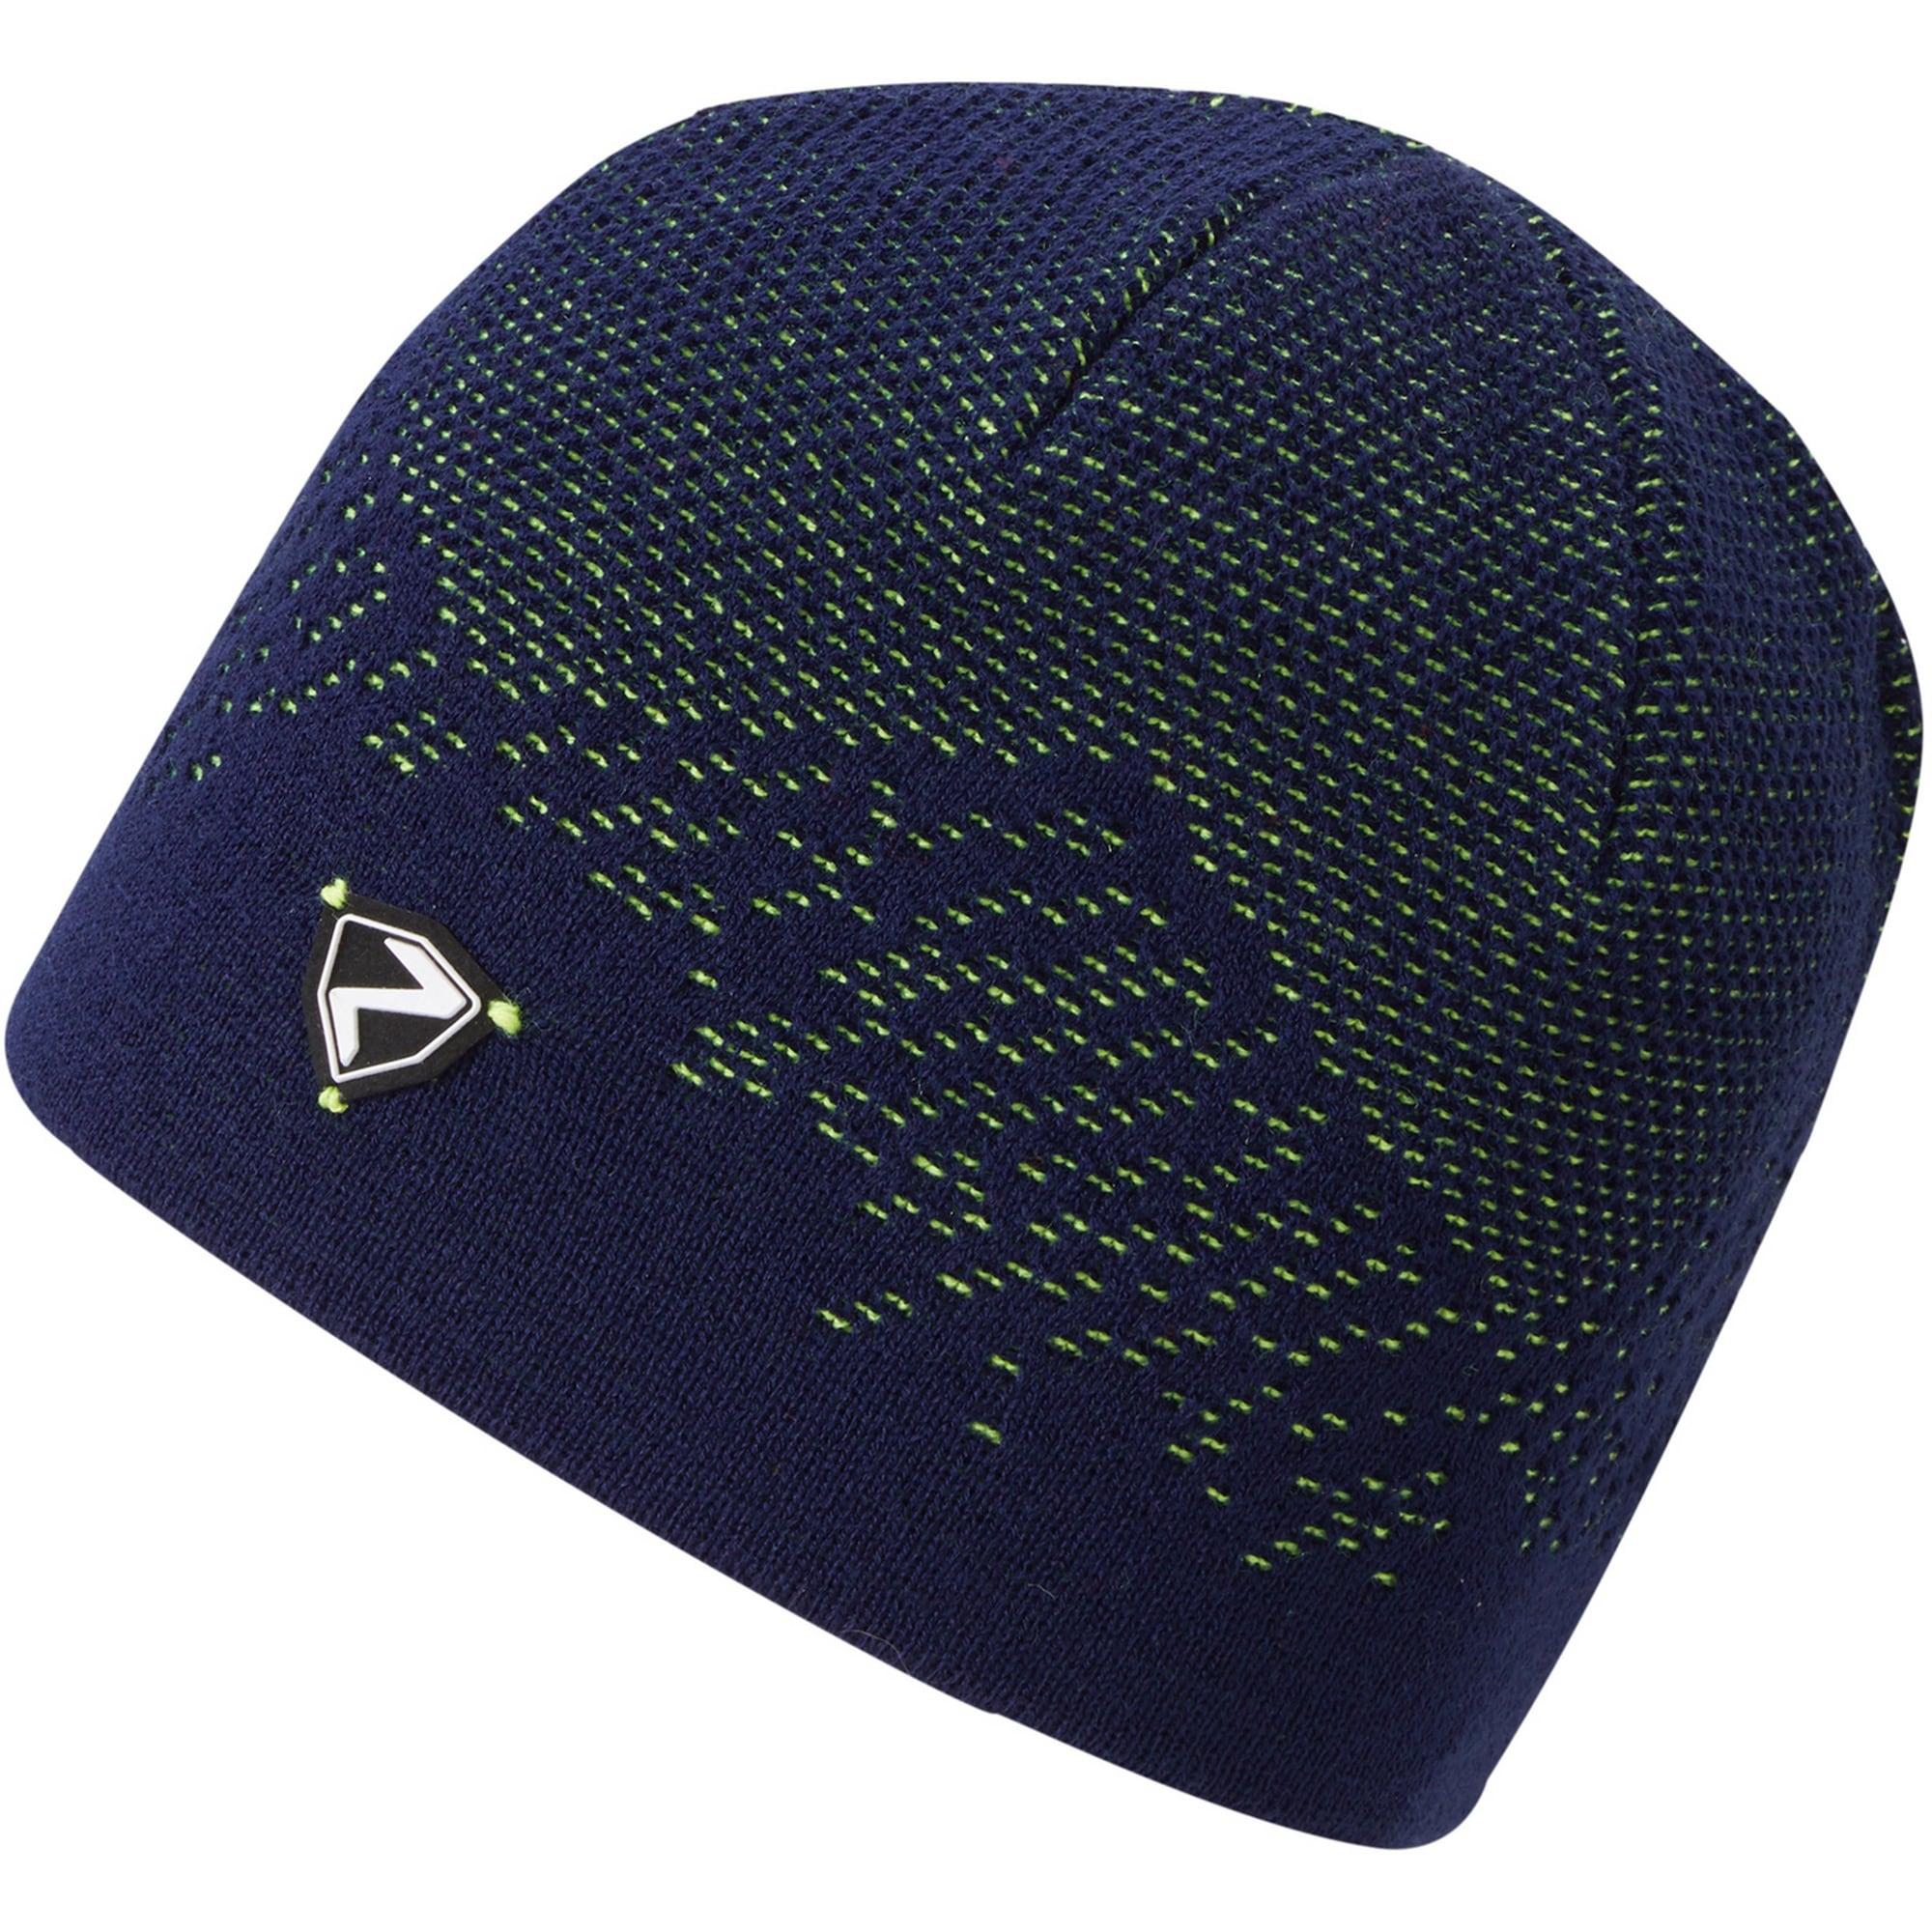 Skimütze 'Ivon Hat' | Accessoires > Mützen > Skimützen | Ziener